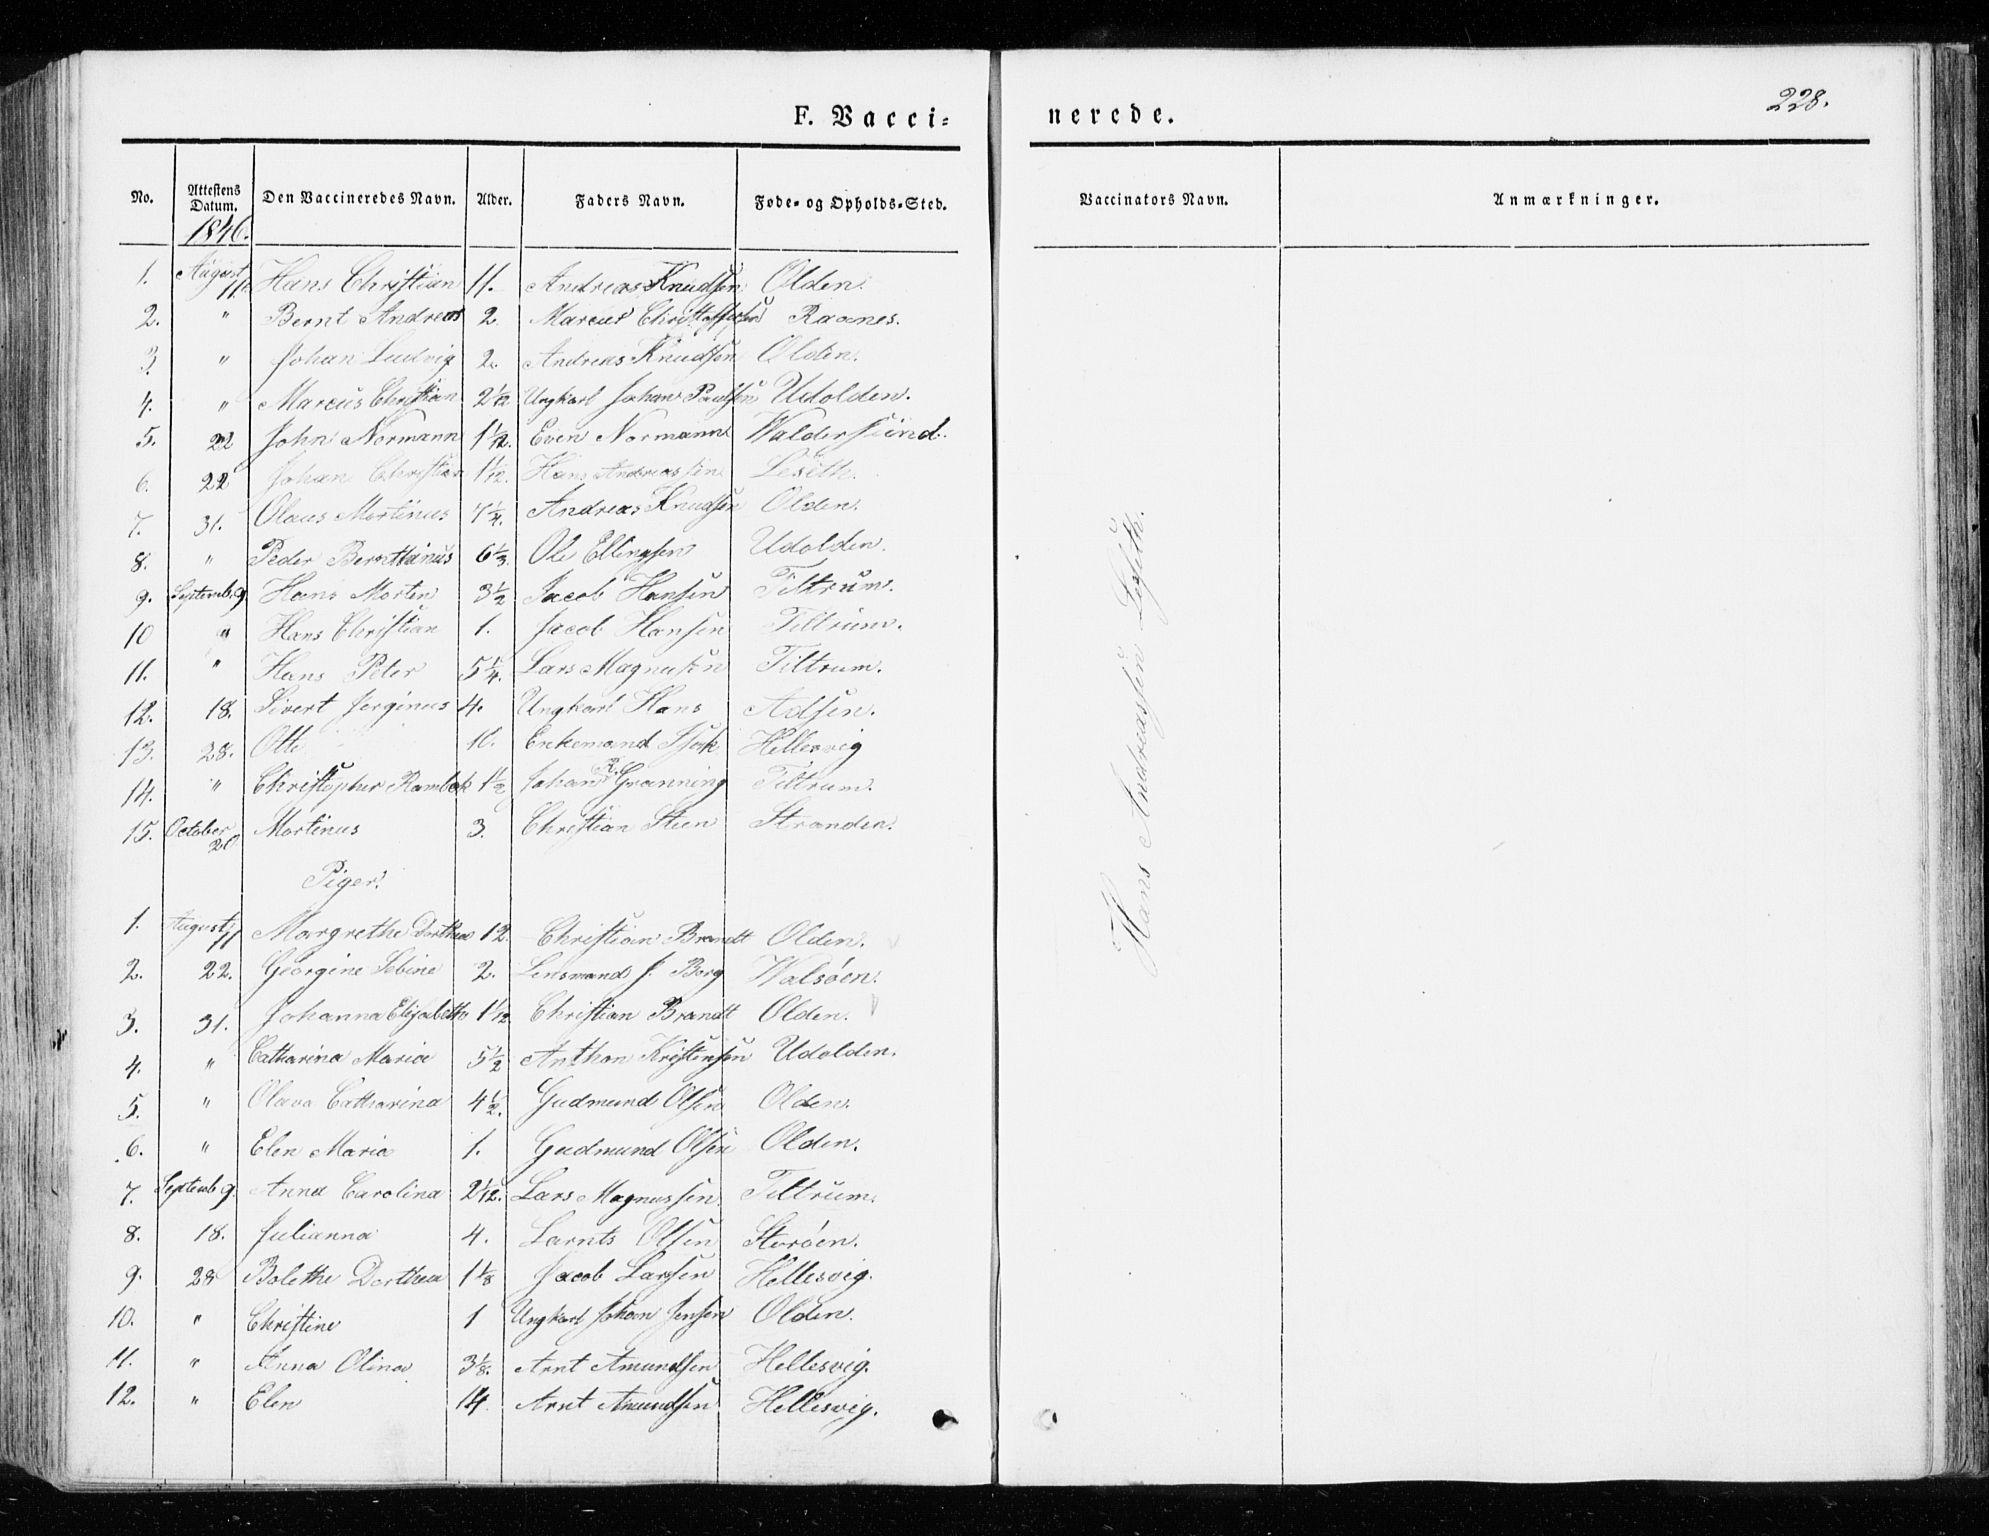 SAT, Ministerialprotokoller, klokkerbøker og fødselsregistre - Sør-Trøndelag, 655/L0677: Ministerialbok nr. 655A06, 1847-1860, s. 228